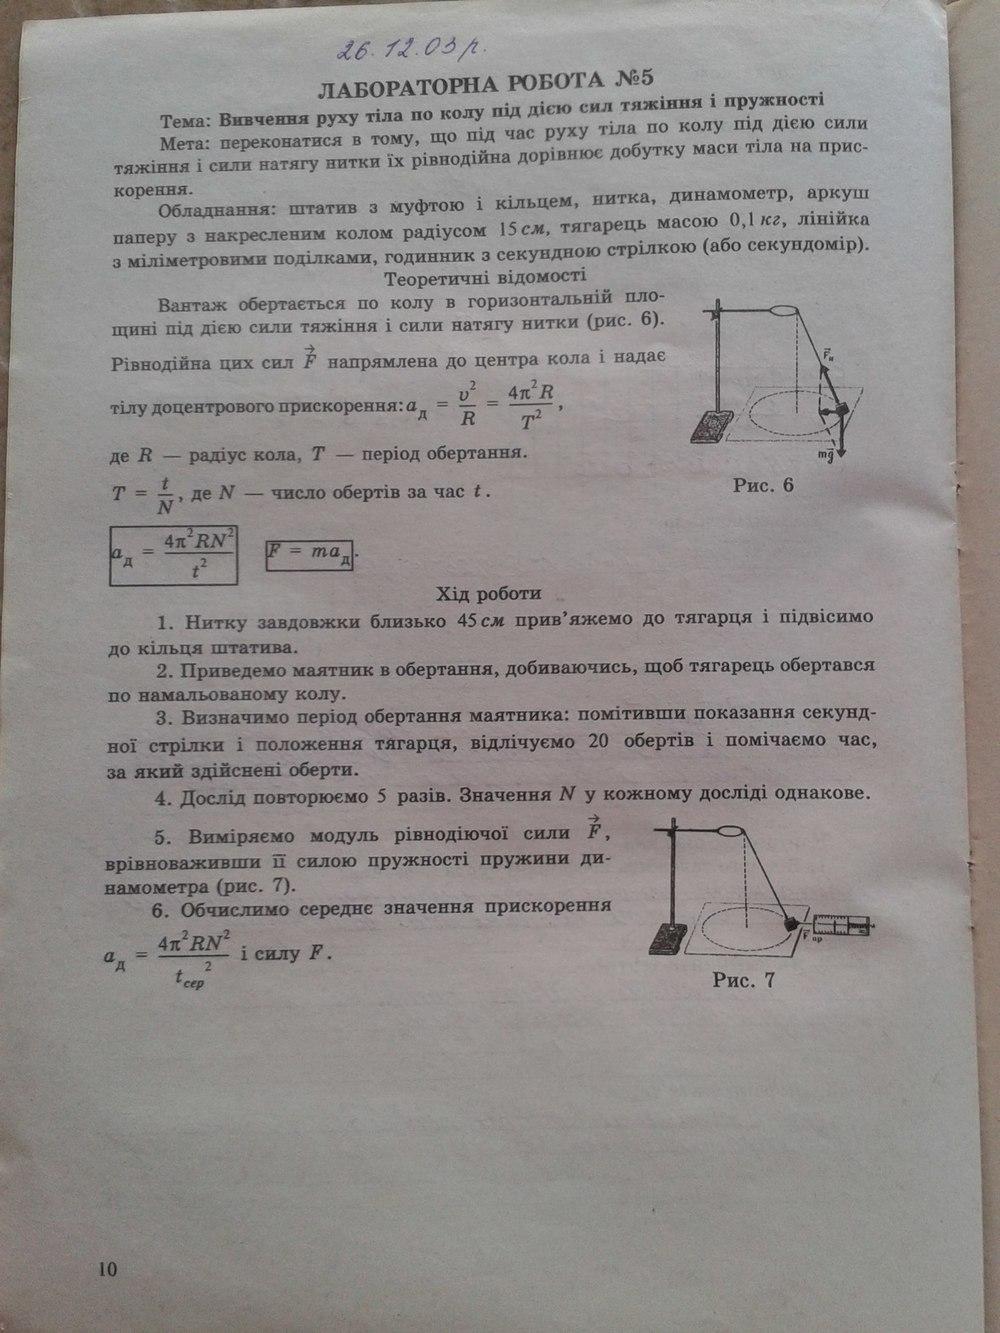 ГДЗ відповіді робочий зошит по физике 9 класс . Задание: стр. 10